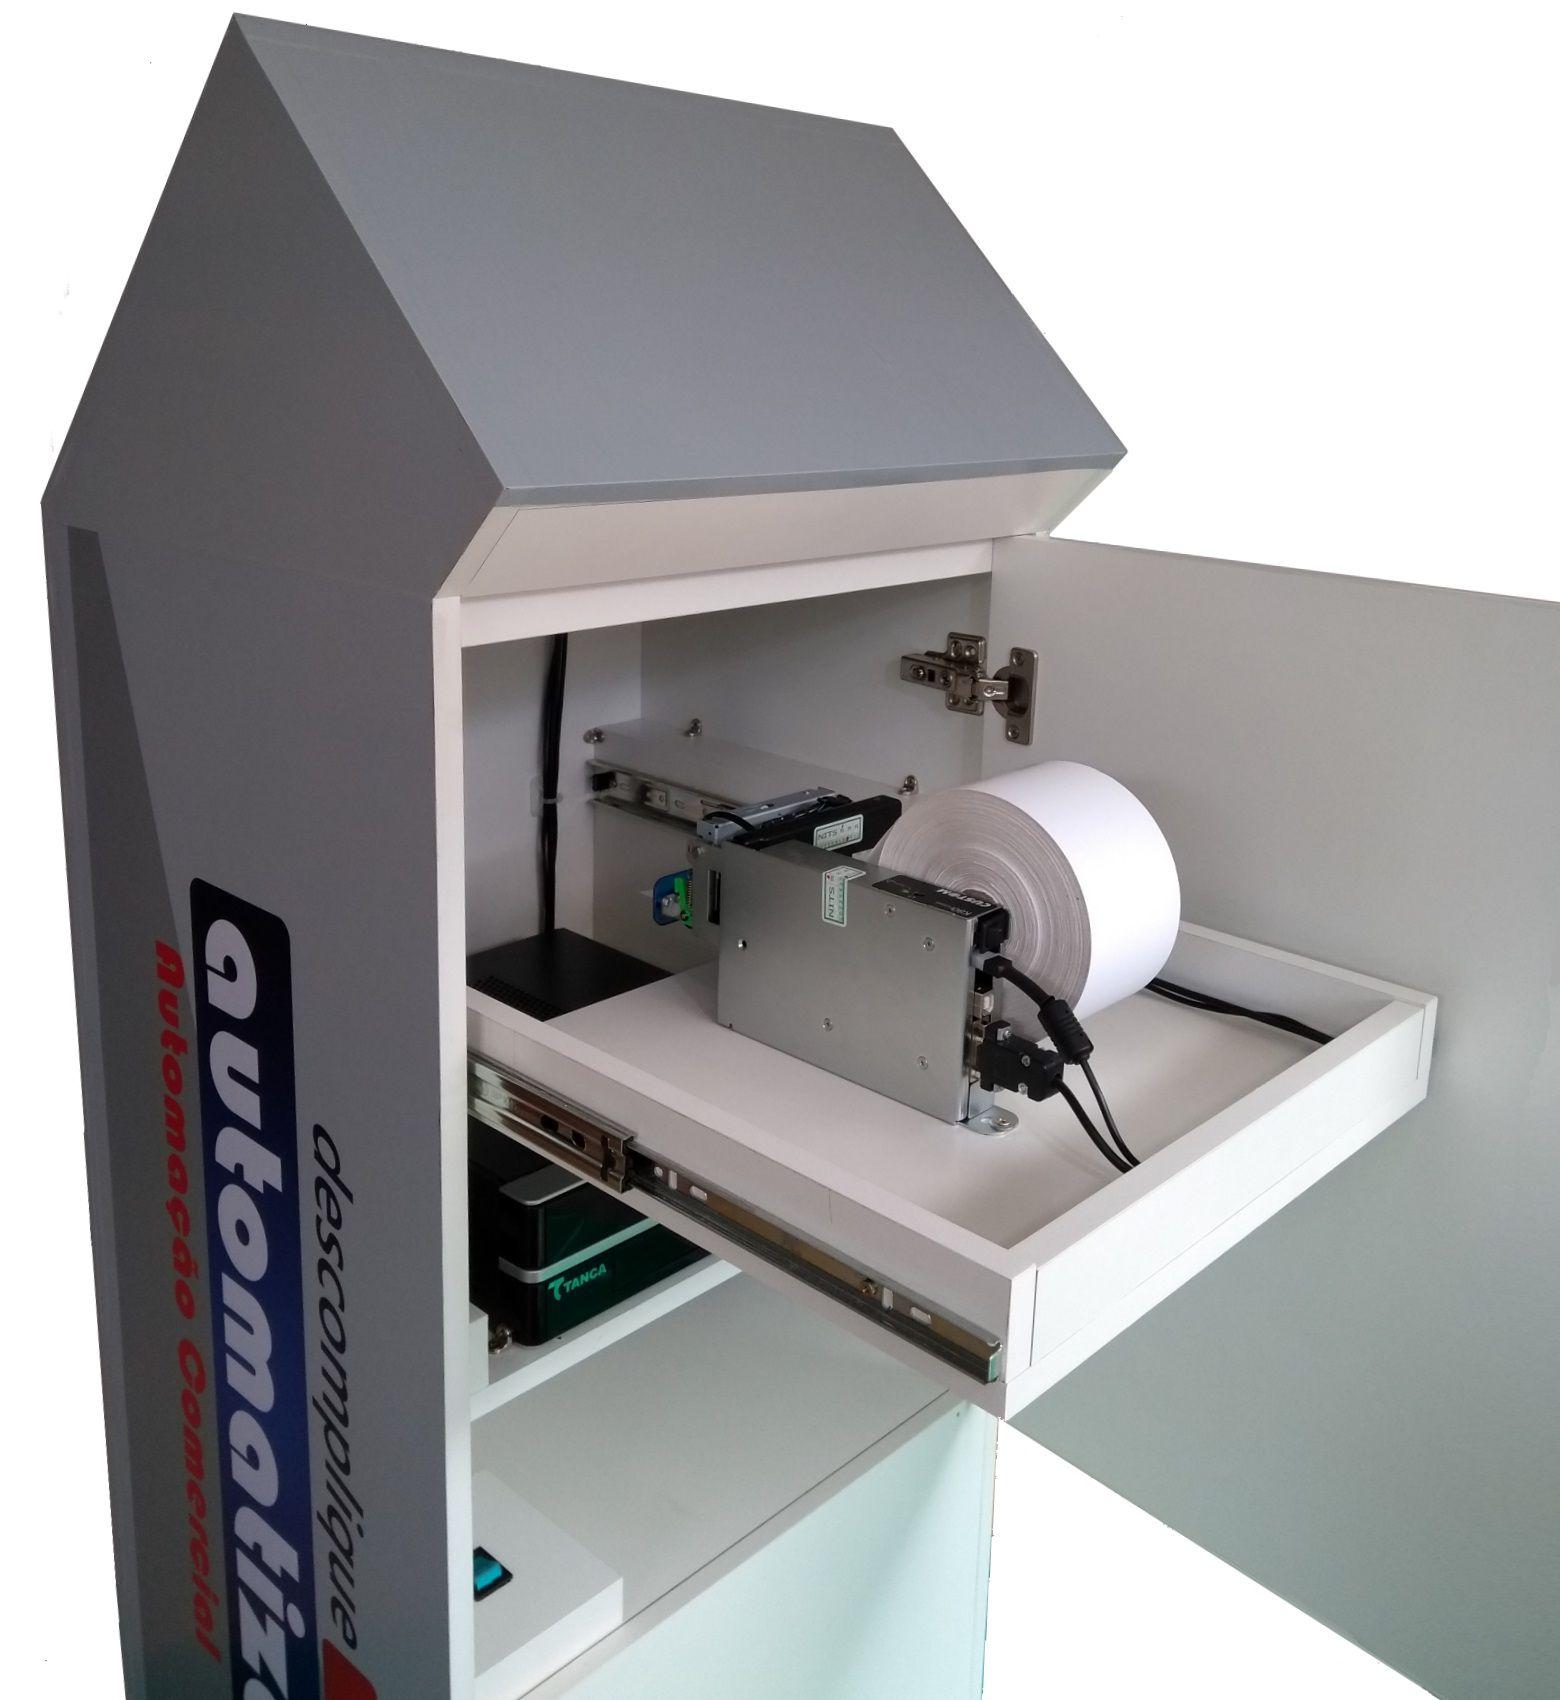 Terminal de Auto Atendimento Totem Touch Screen com Impressor